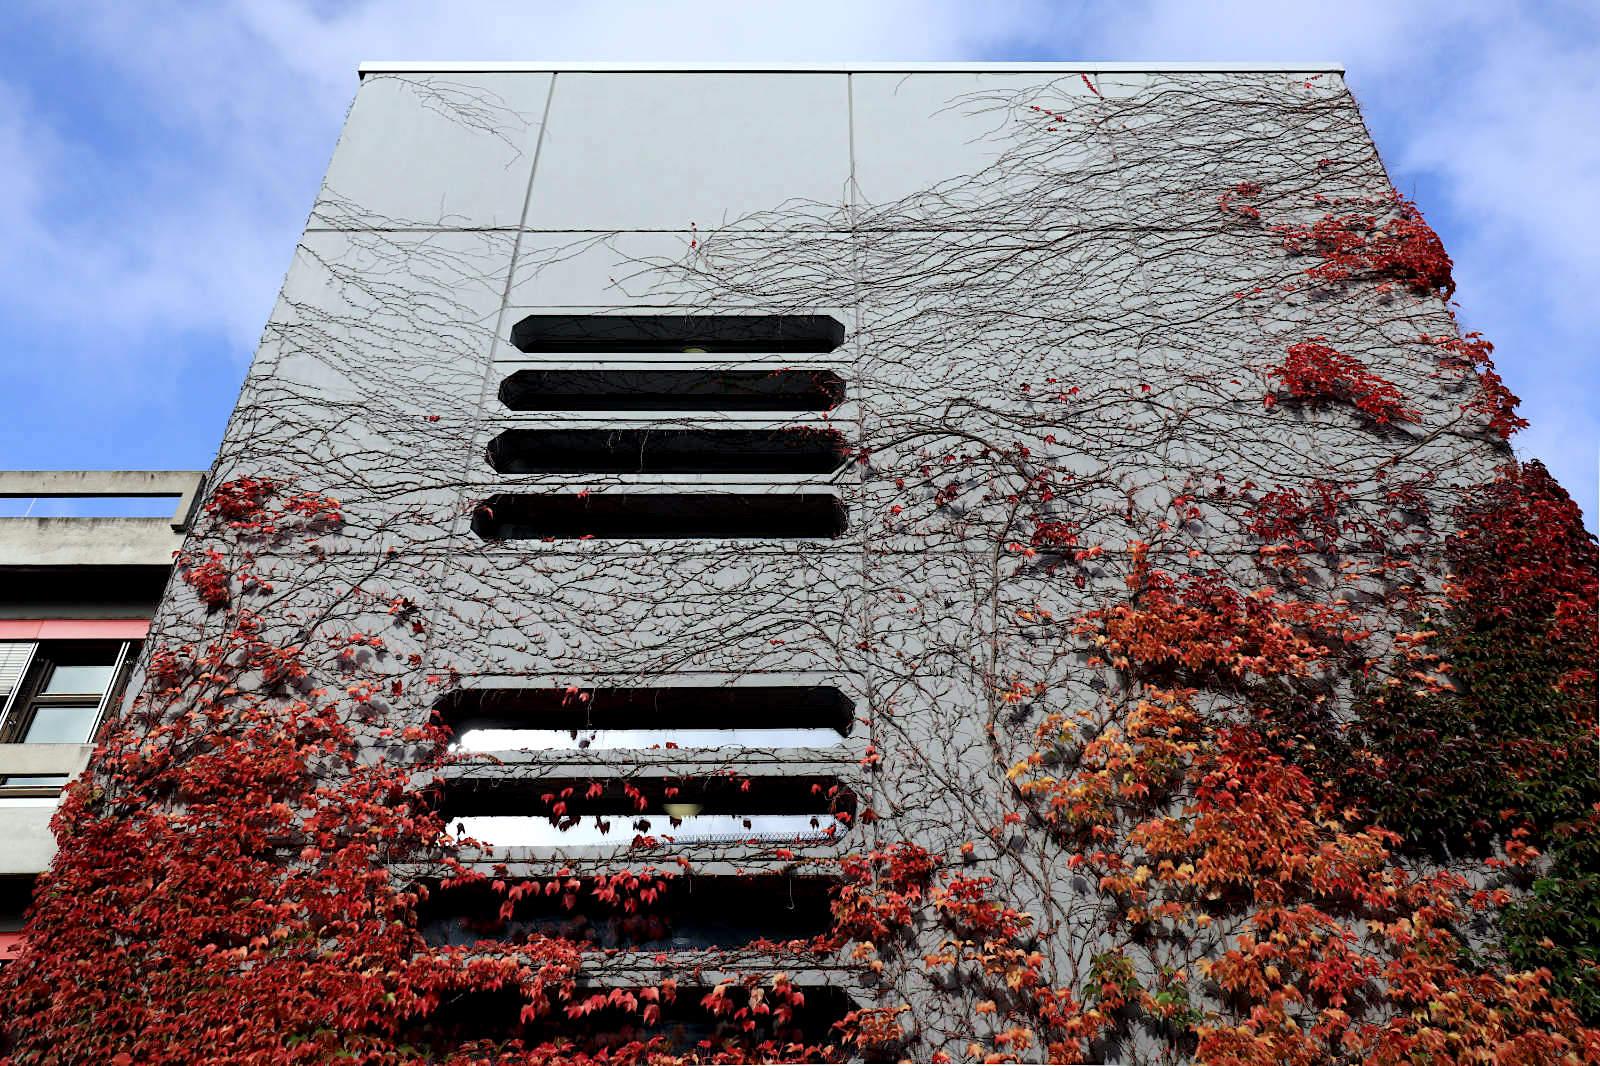 Pädagogische Hochschule. Sanierung 2012, Assem Architekten, Ursprungsbau 1974. Das Gebäude wurde 1974 in Skelettbauweise aus Stahlbetonelementen erstellt. Das Karlsruher Büro Assem Architekten war von 2004–2012 für die umfangreiche Schadstoffsanierung verantwortlich.